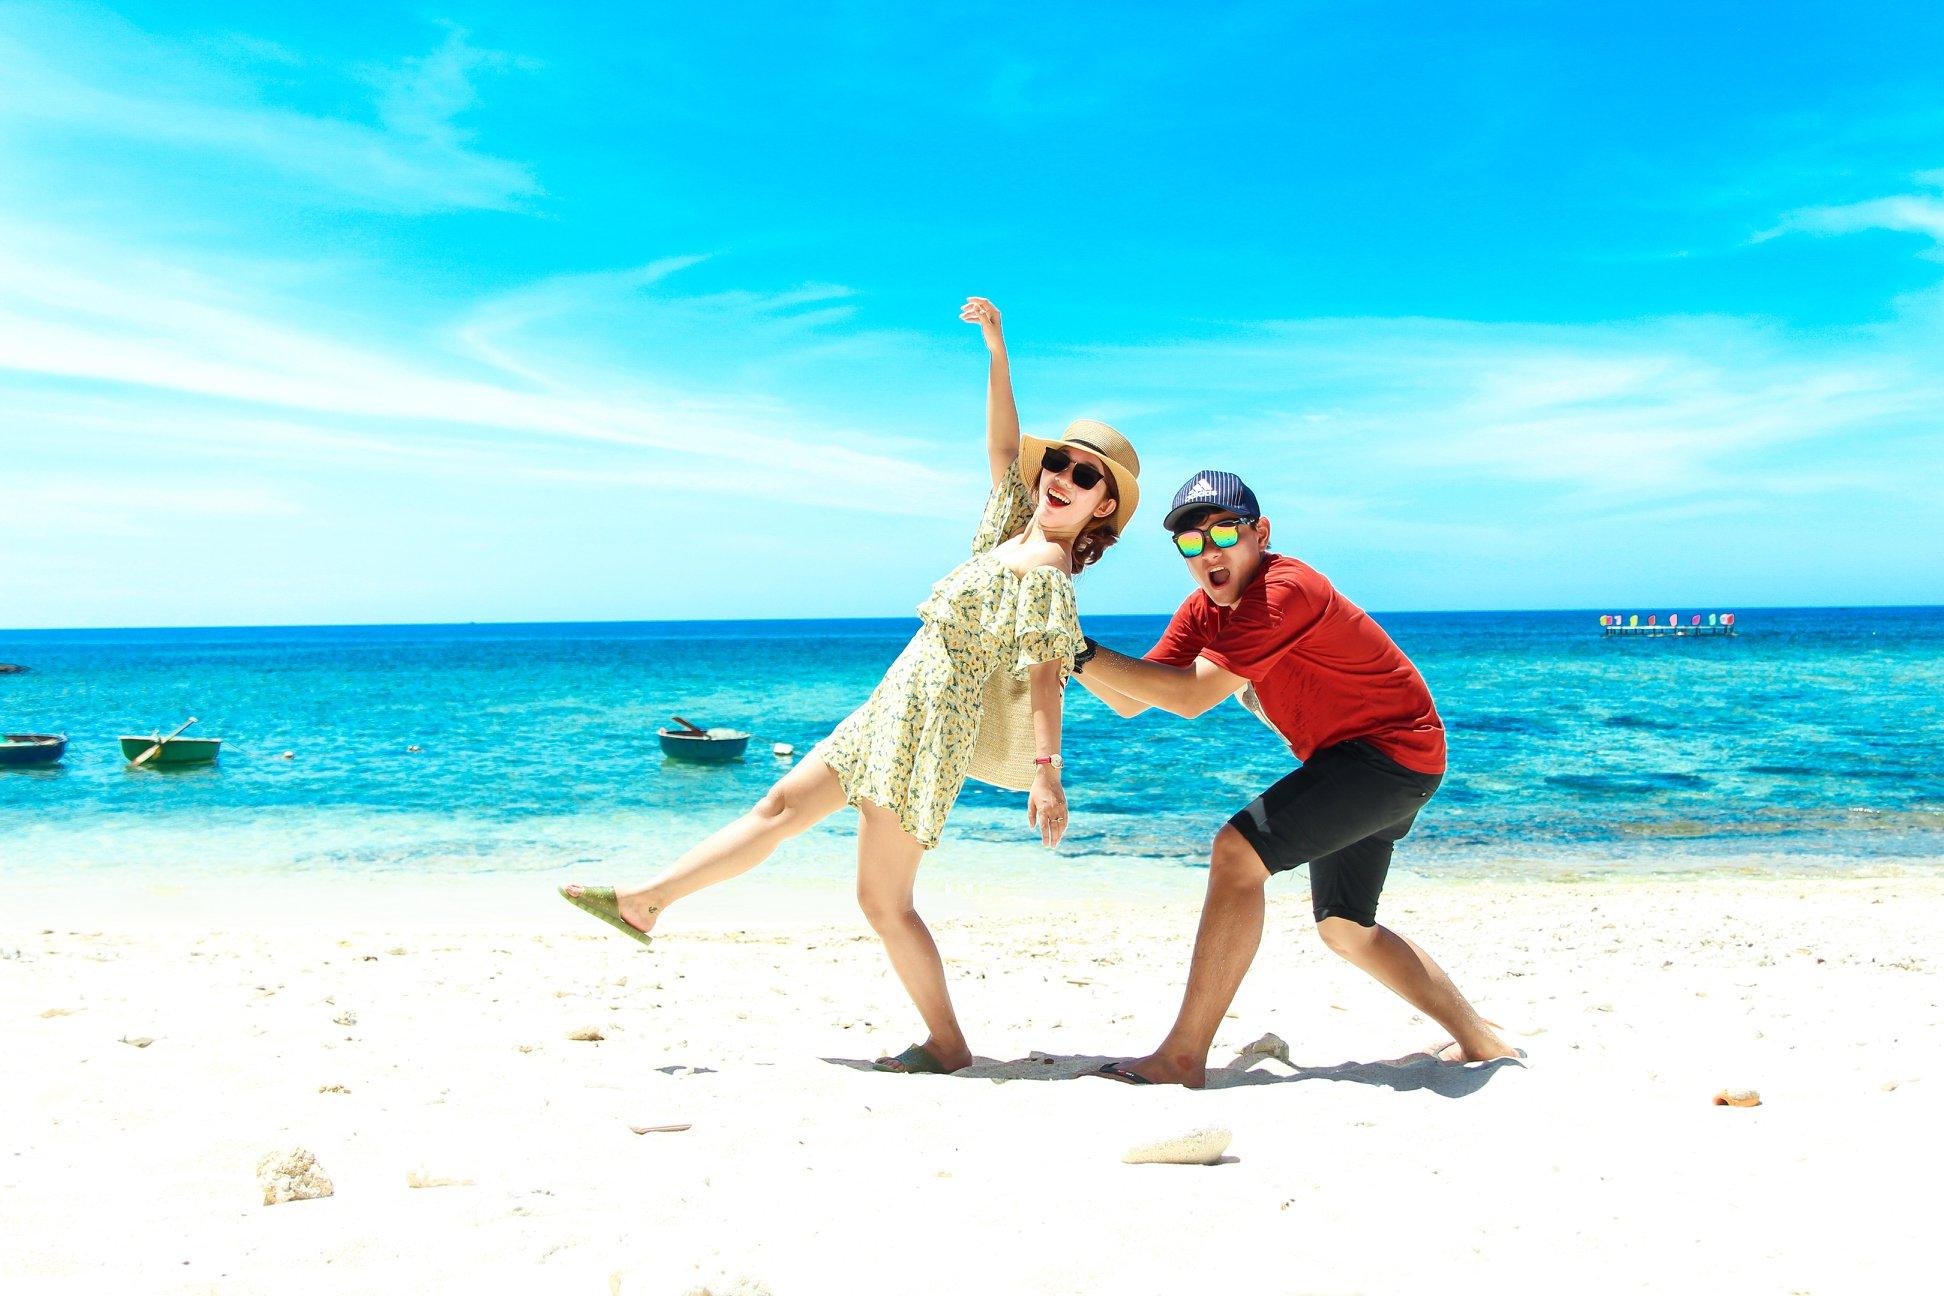 Du lịch đảo Lý Sơn tháng 6 – mùa biển đẹp nhất